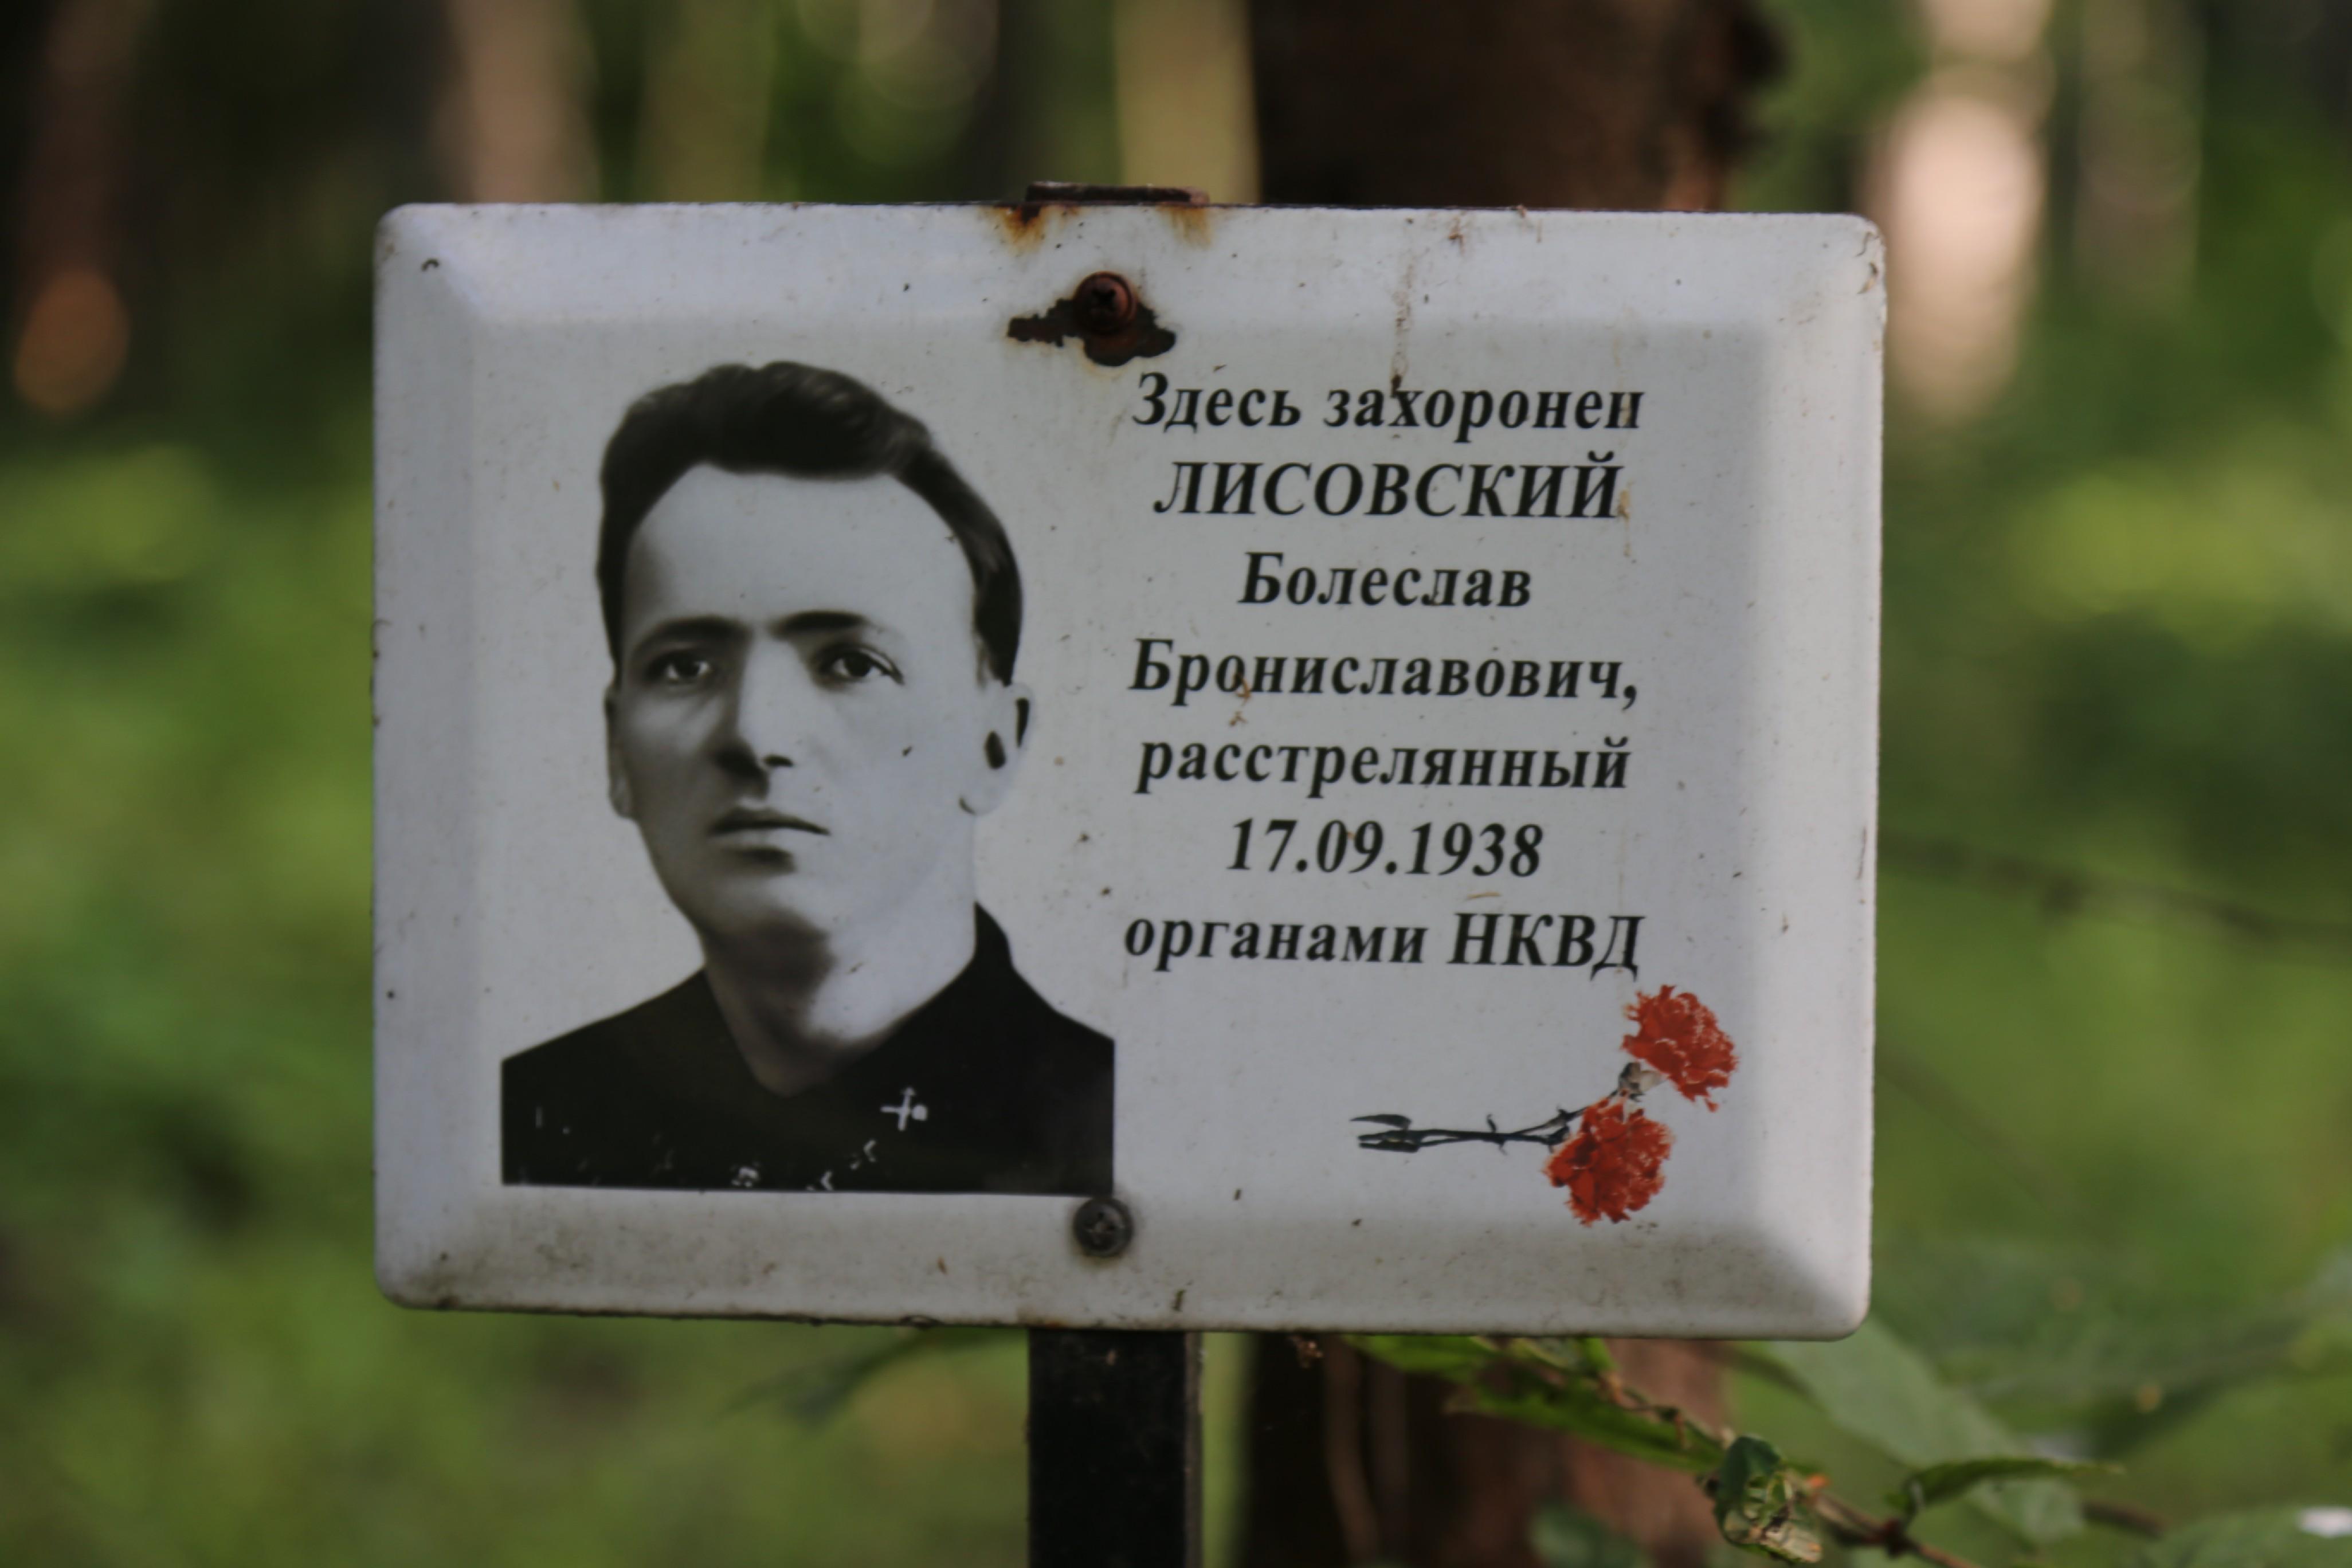 Памятная табличка Б.Б. Лисовскому. Фото 22.06.2018.